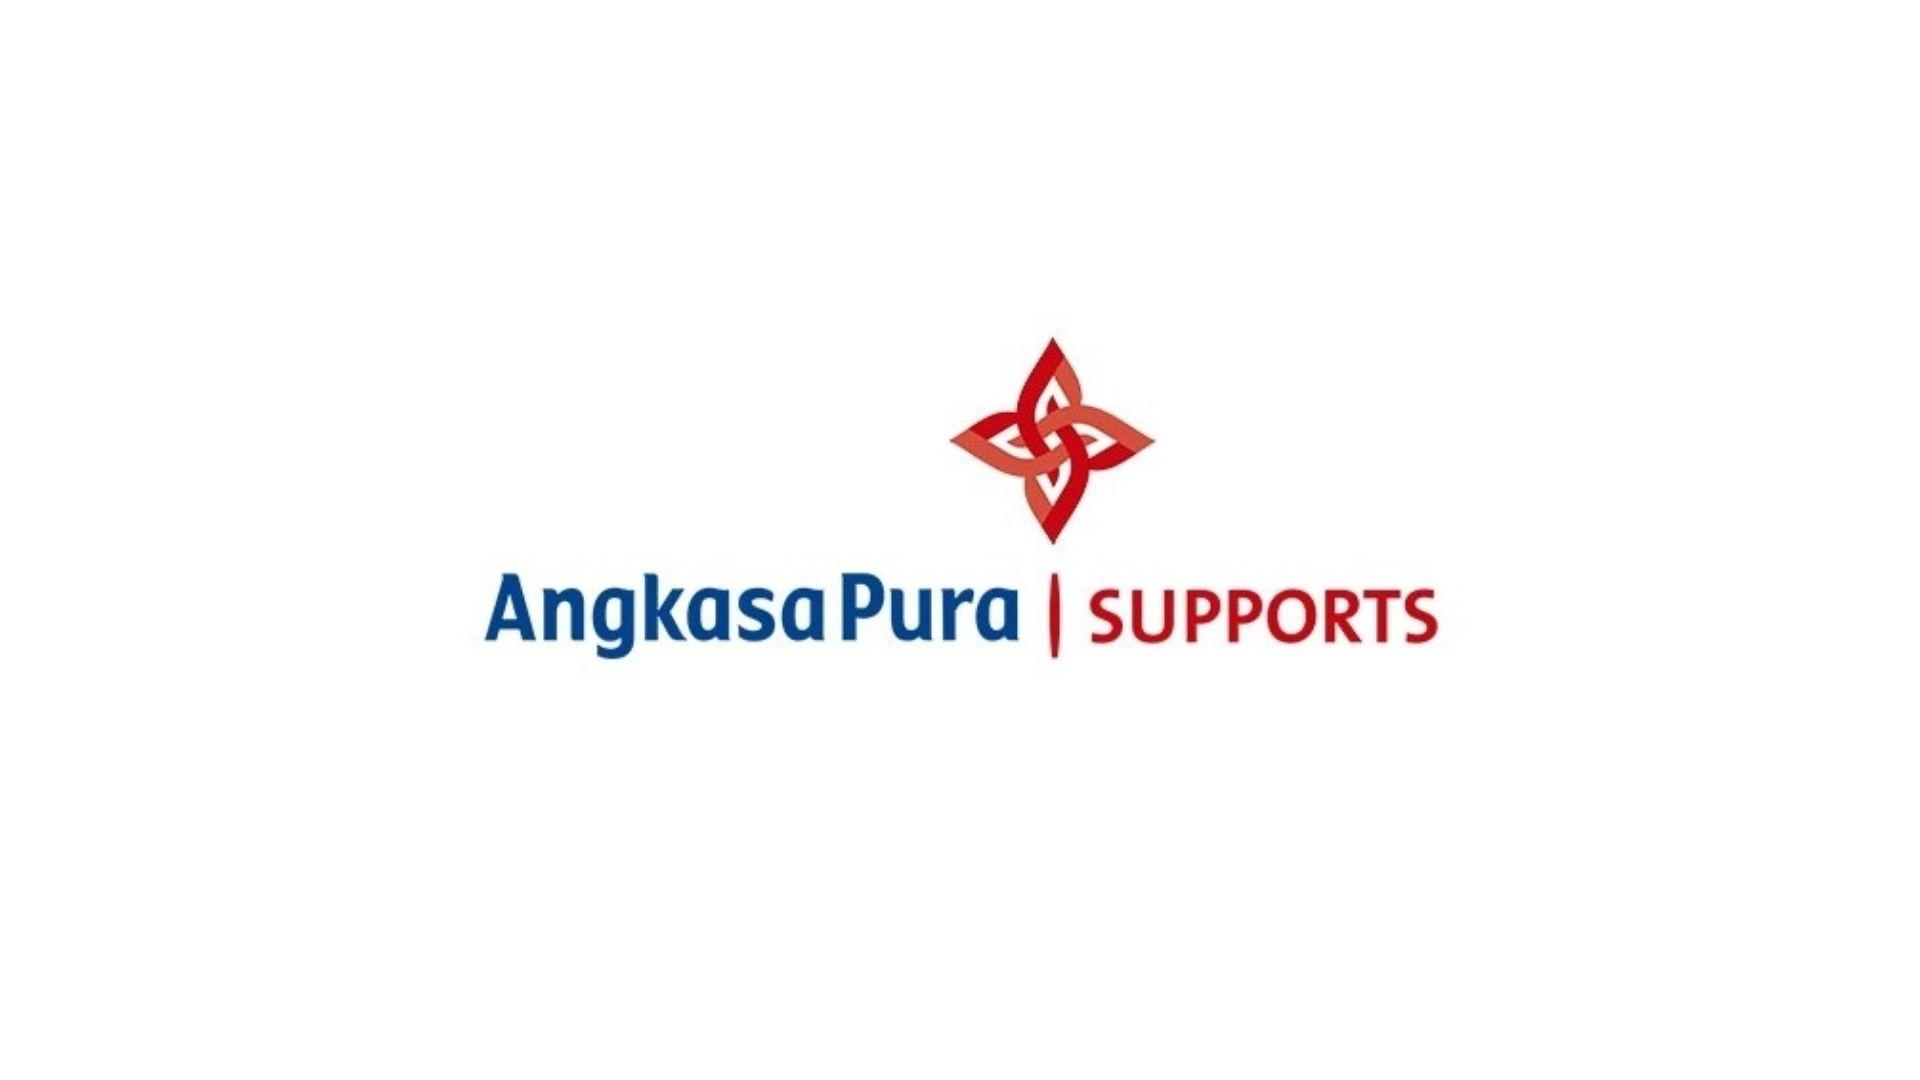 Lowongan Internship PT Angkasa Pura Supports